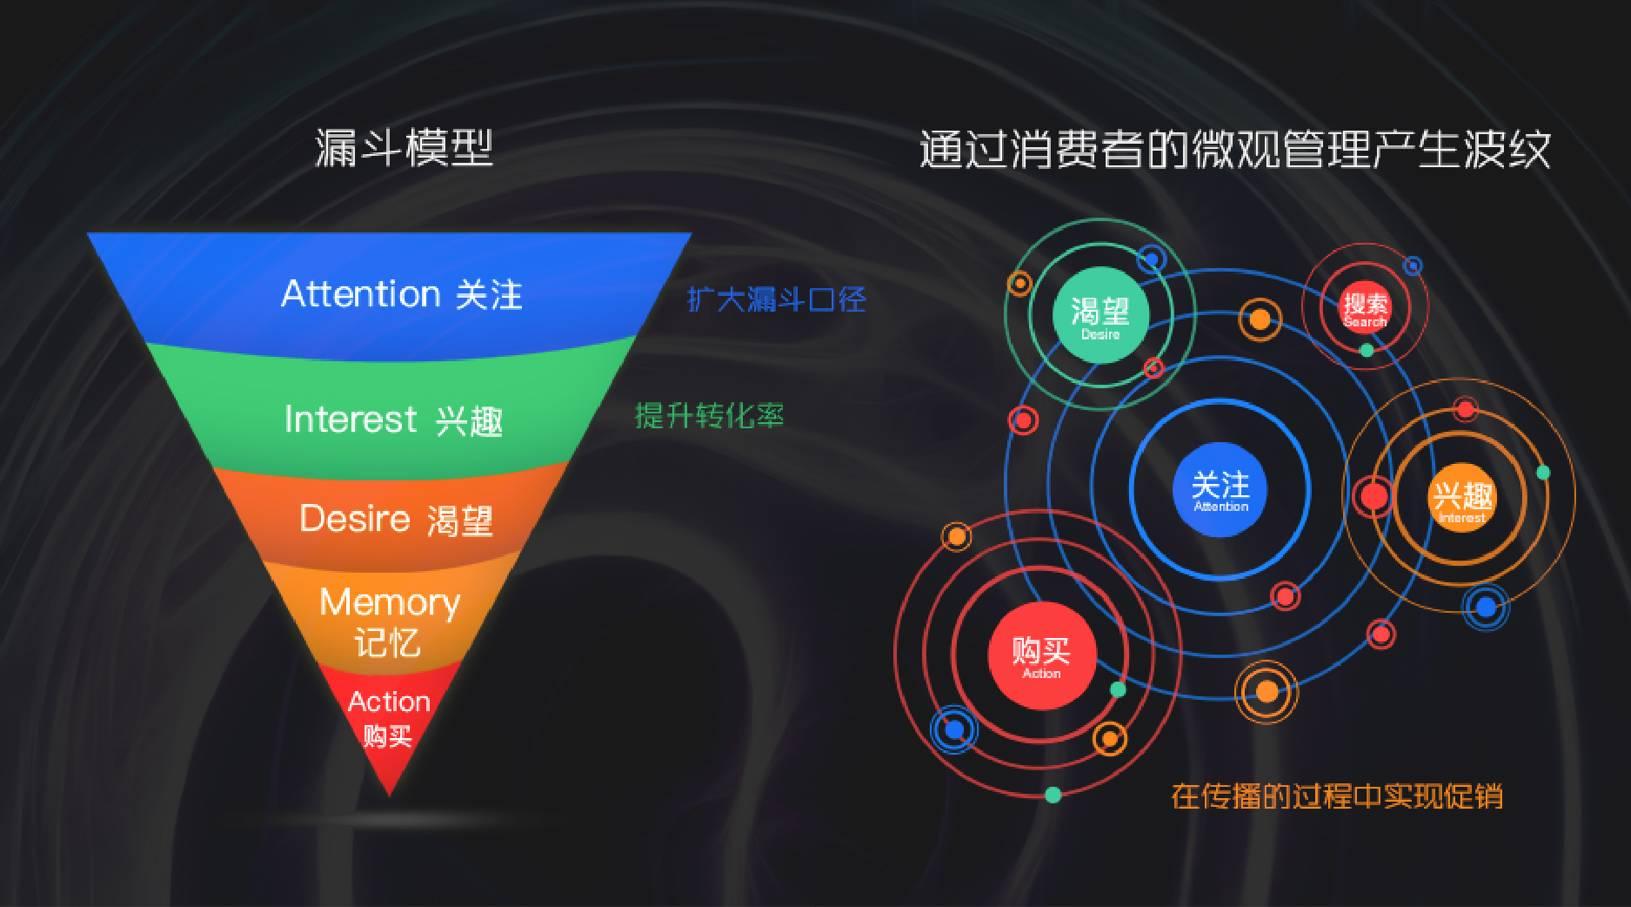 波纹理论2.0:流量结构性变革下的新营销